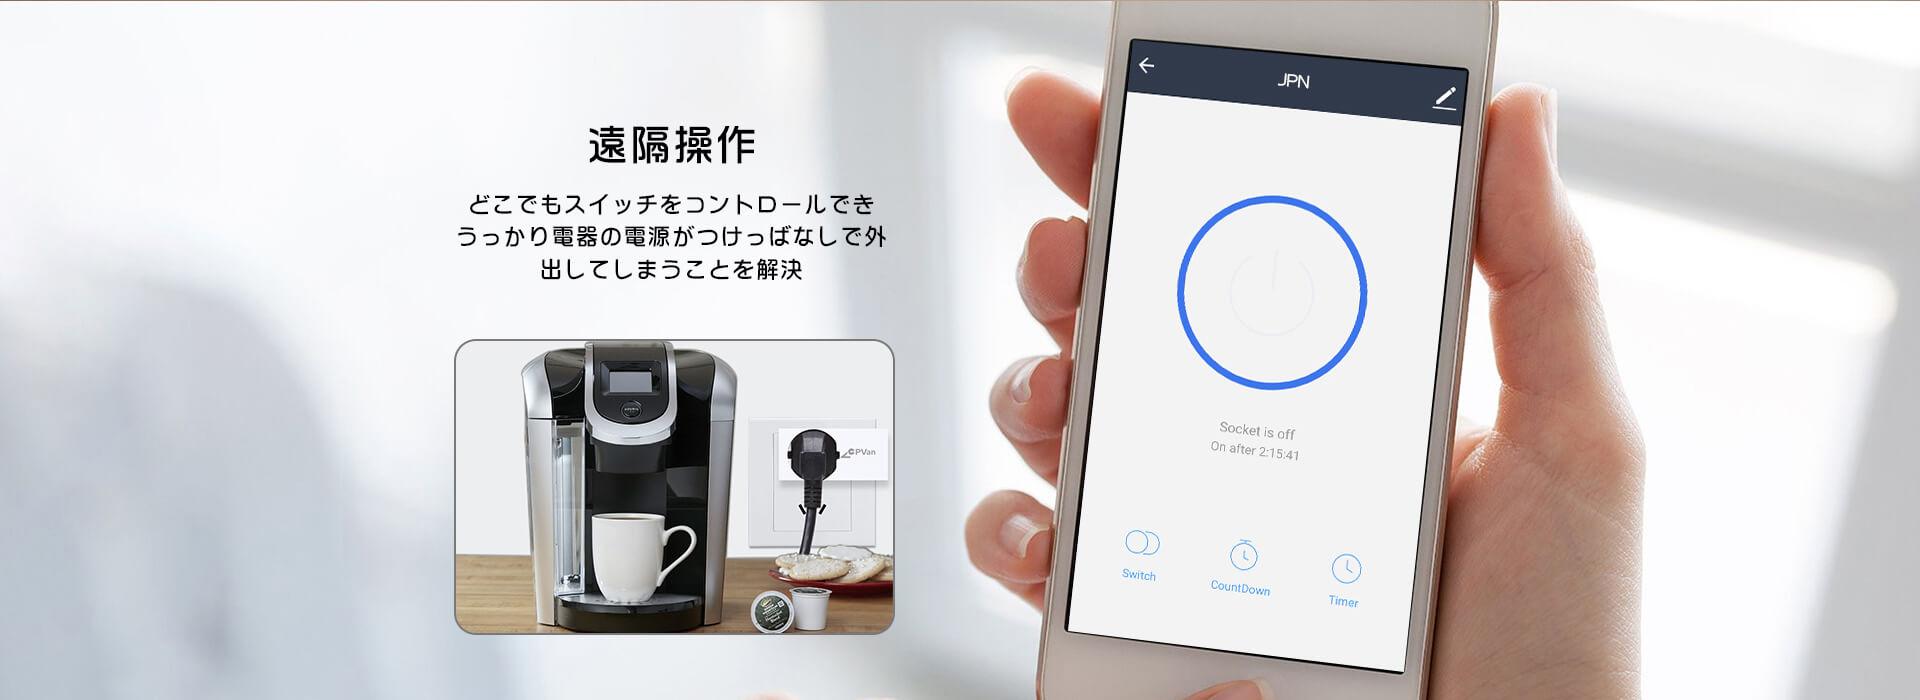 JP Smart socket